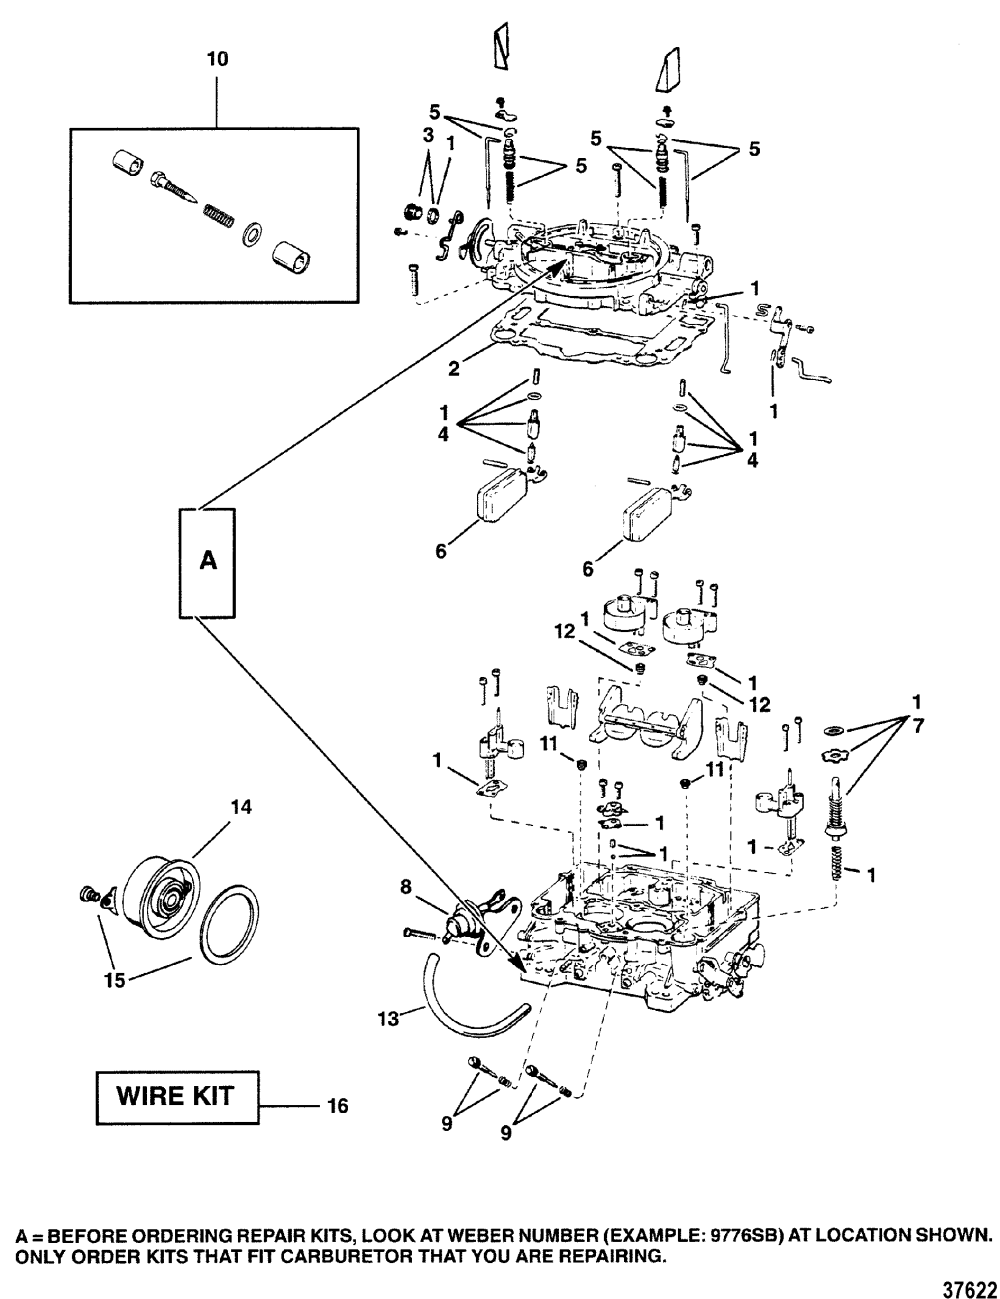 medium resolution of mercruiser 5 0 wiring diagram mercruiser wiring diagram source page mercruiser 5 0 engine diagram